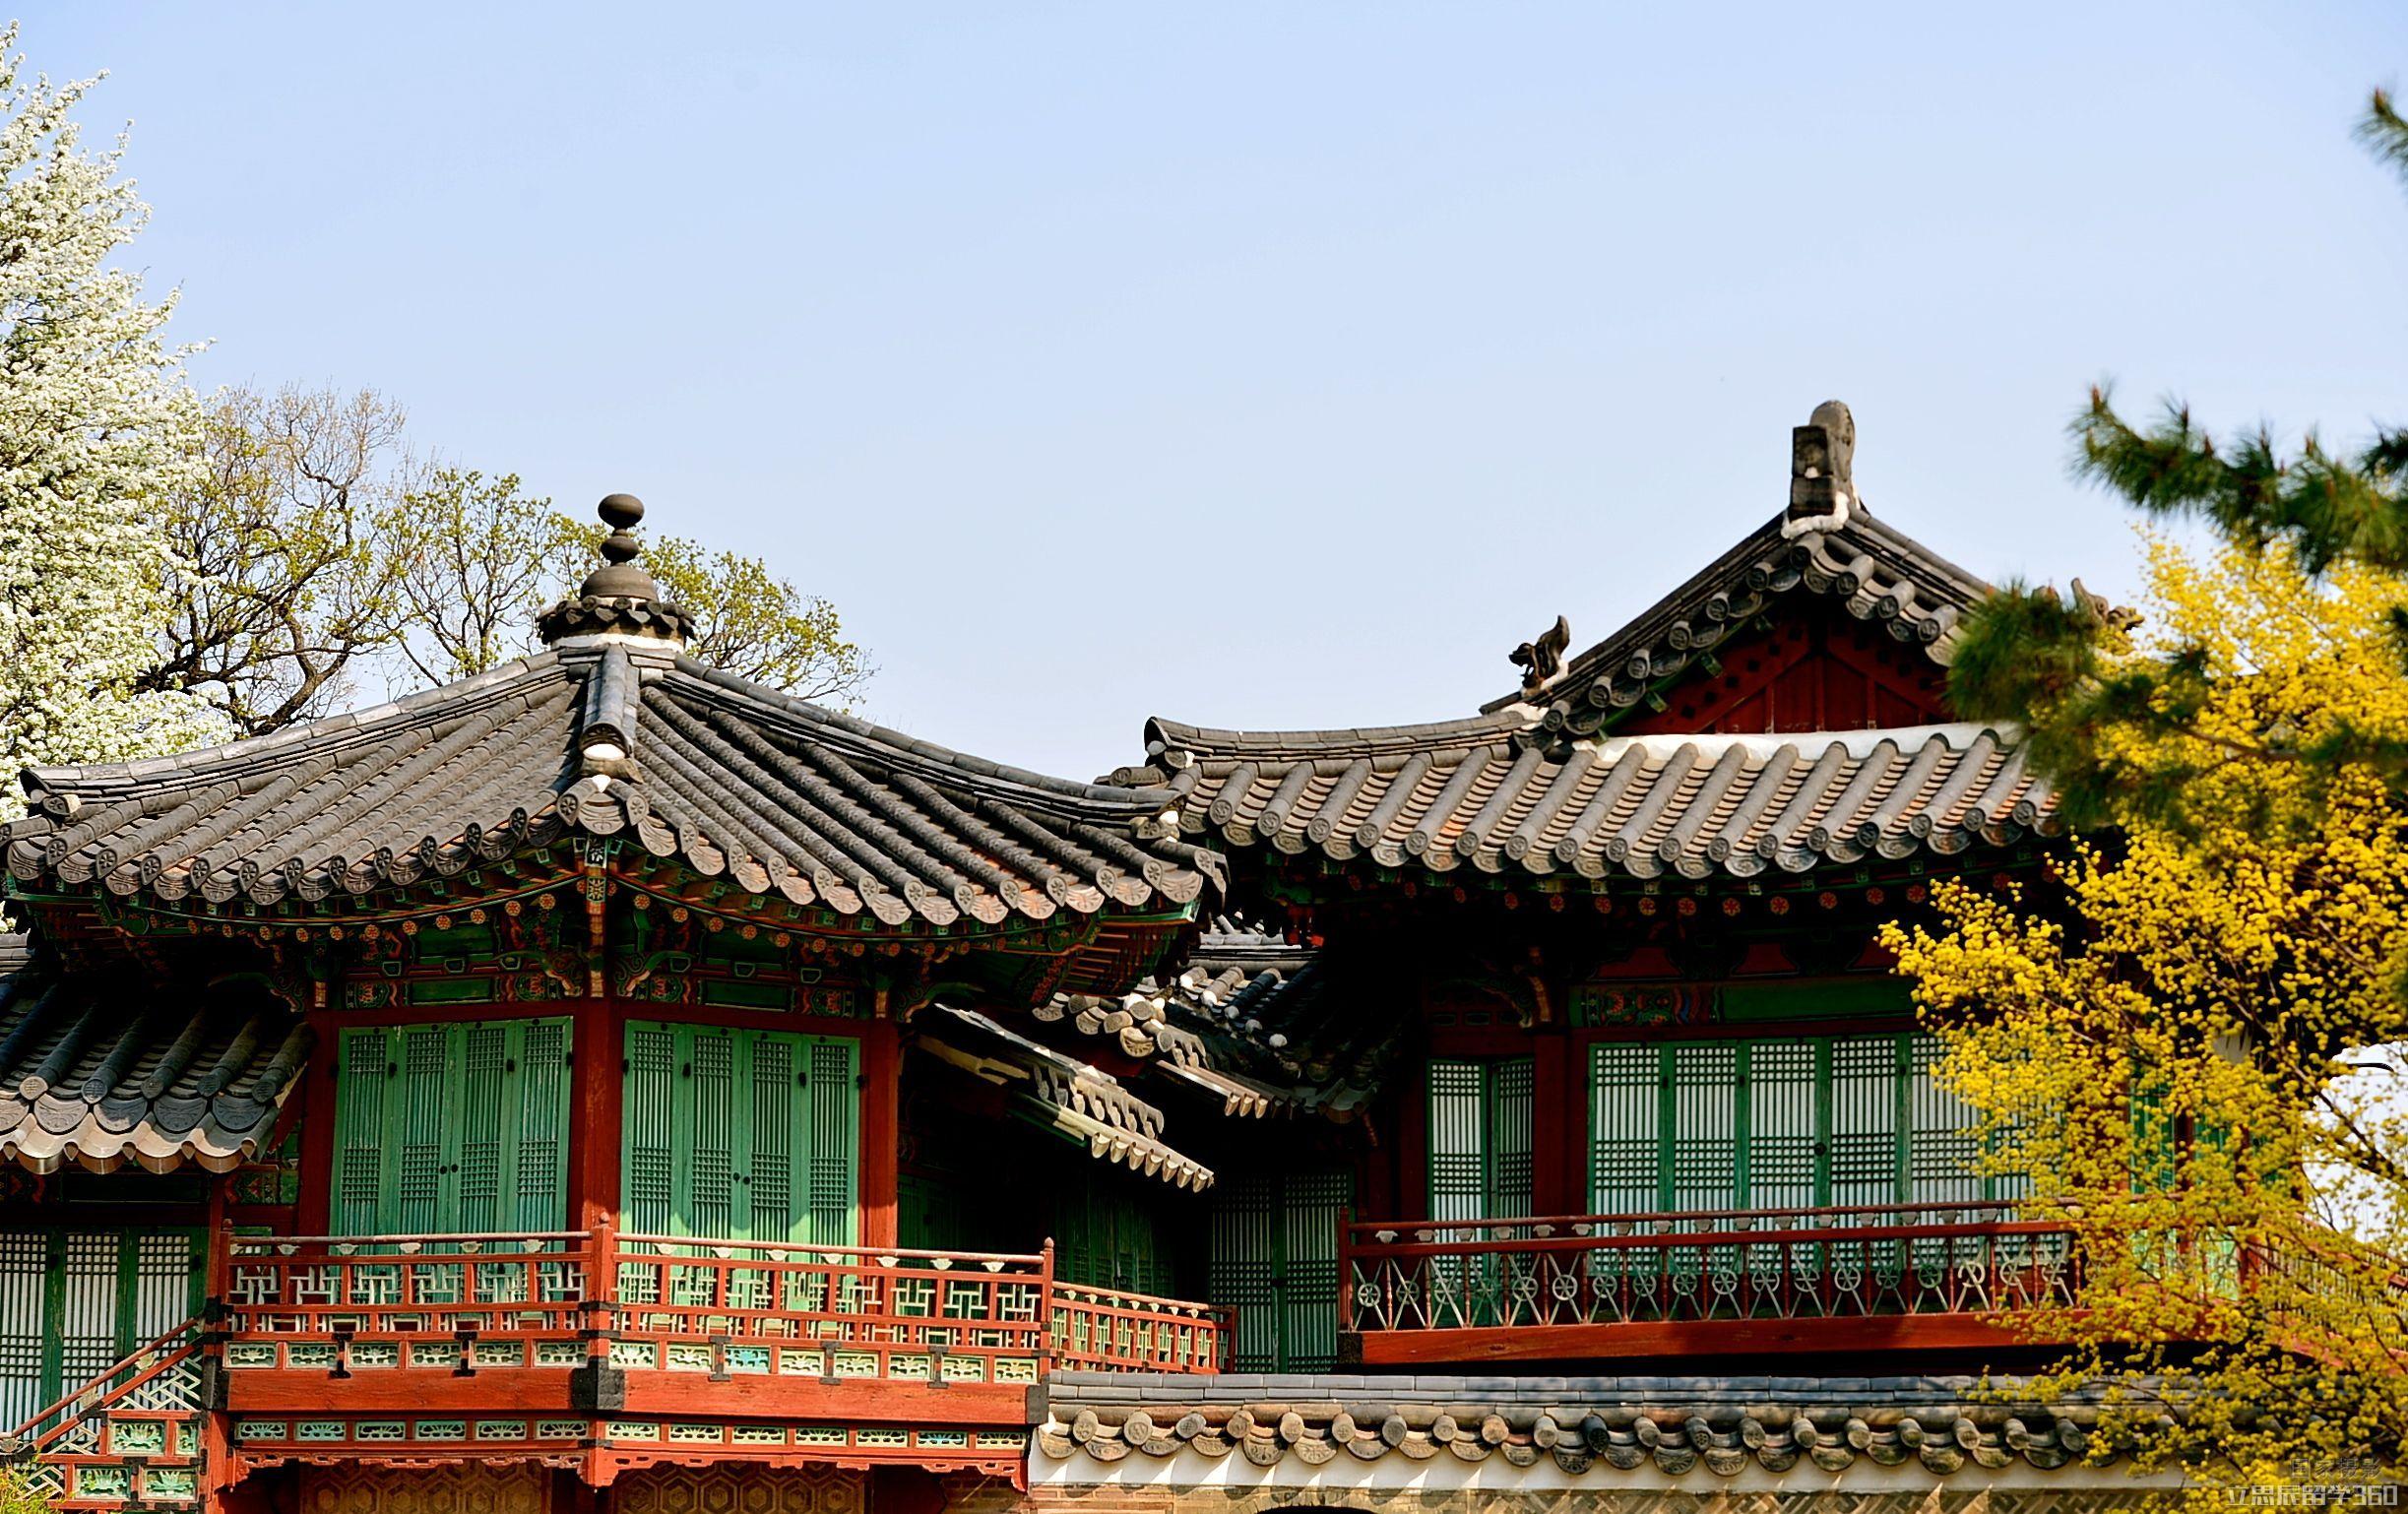 韩国留学大学录取看重的条件